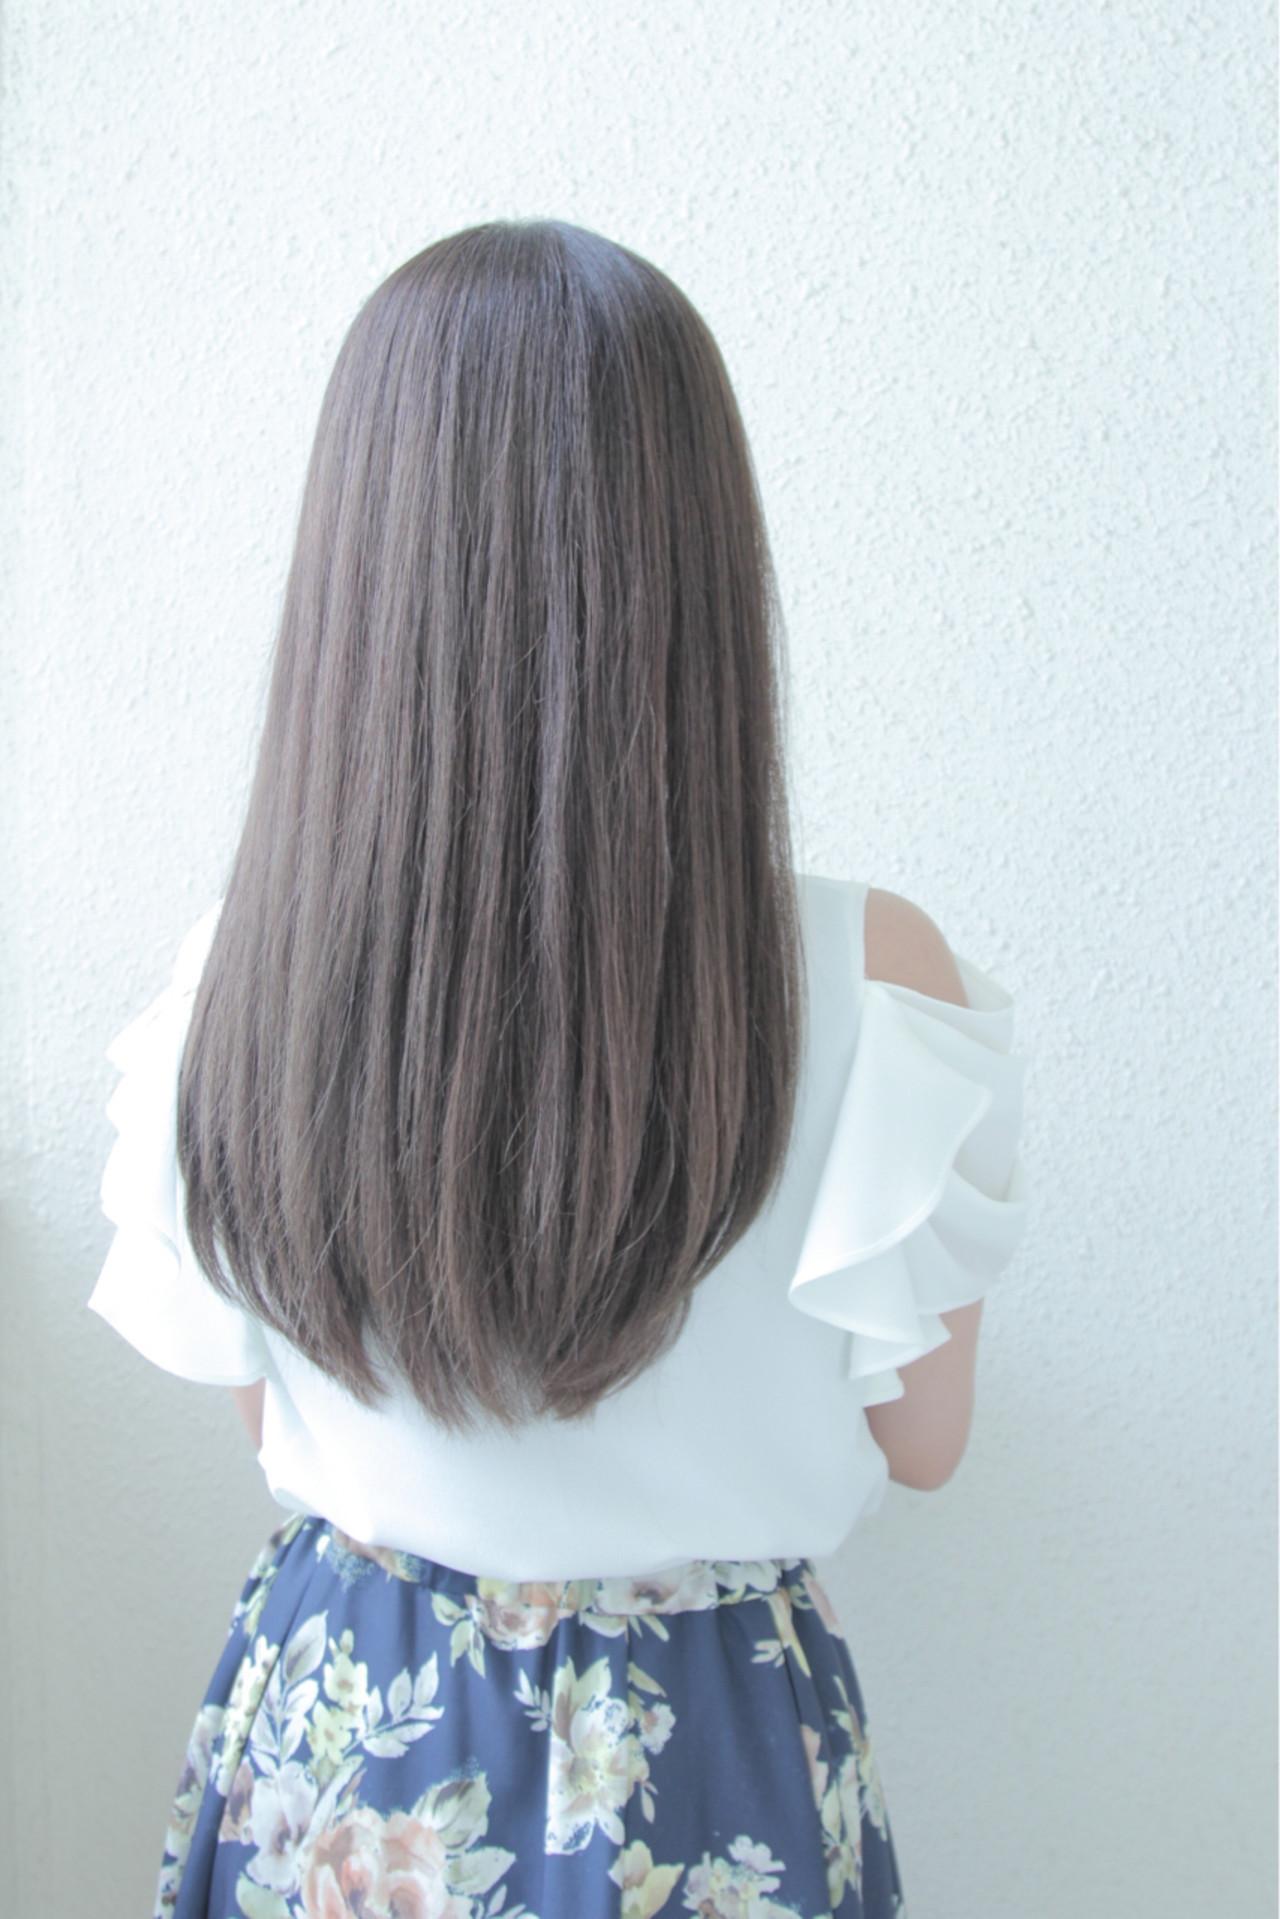 オフィスもOK!暗めのアッシュブラウンで透明感のある髪色をゲットしよう♡ 中村 猛  MODE K's 塚本店 (モードケイズ)